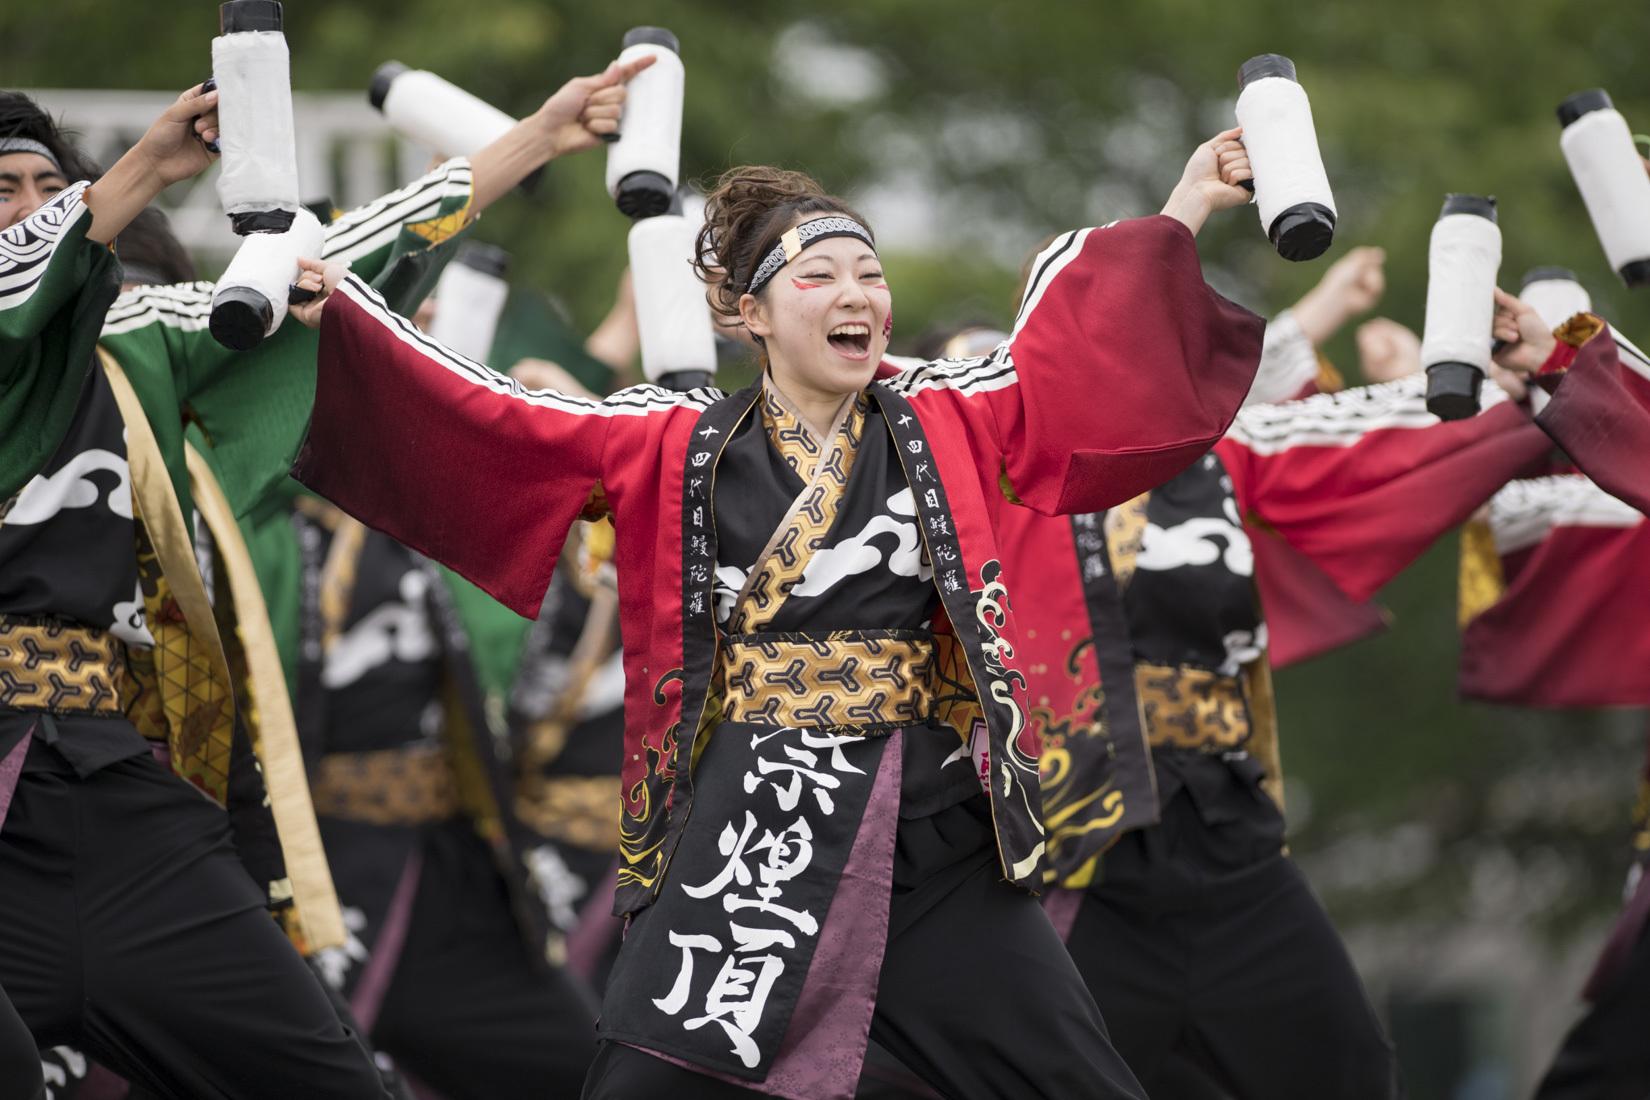 2019 犬山踊芸祭『浜松学生連 鰻陀羅』_f0184198_00141914.jpg